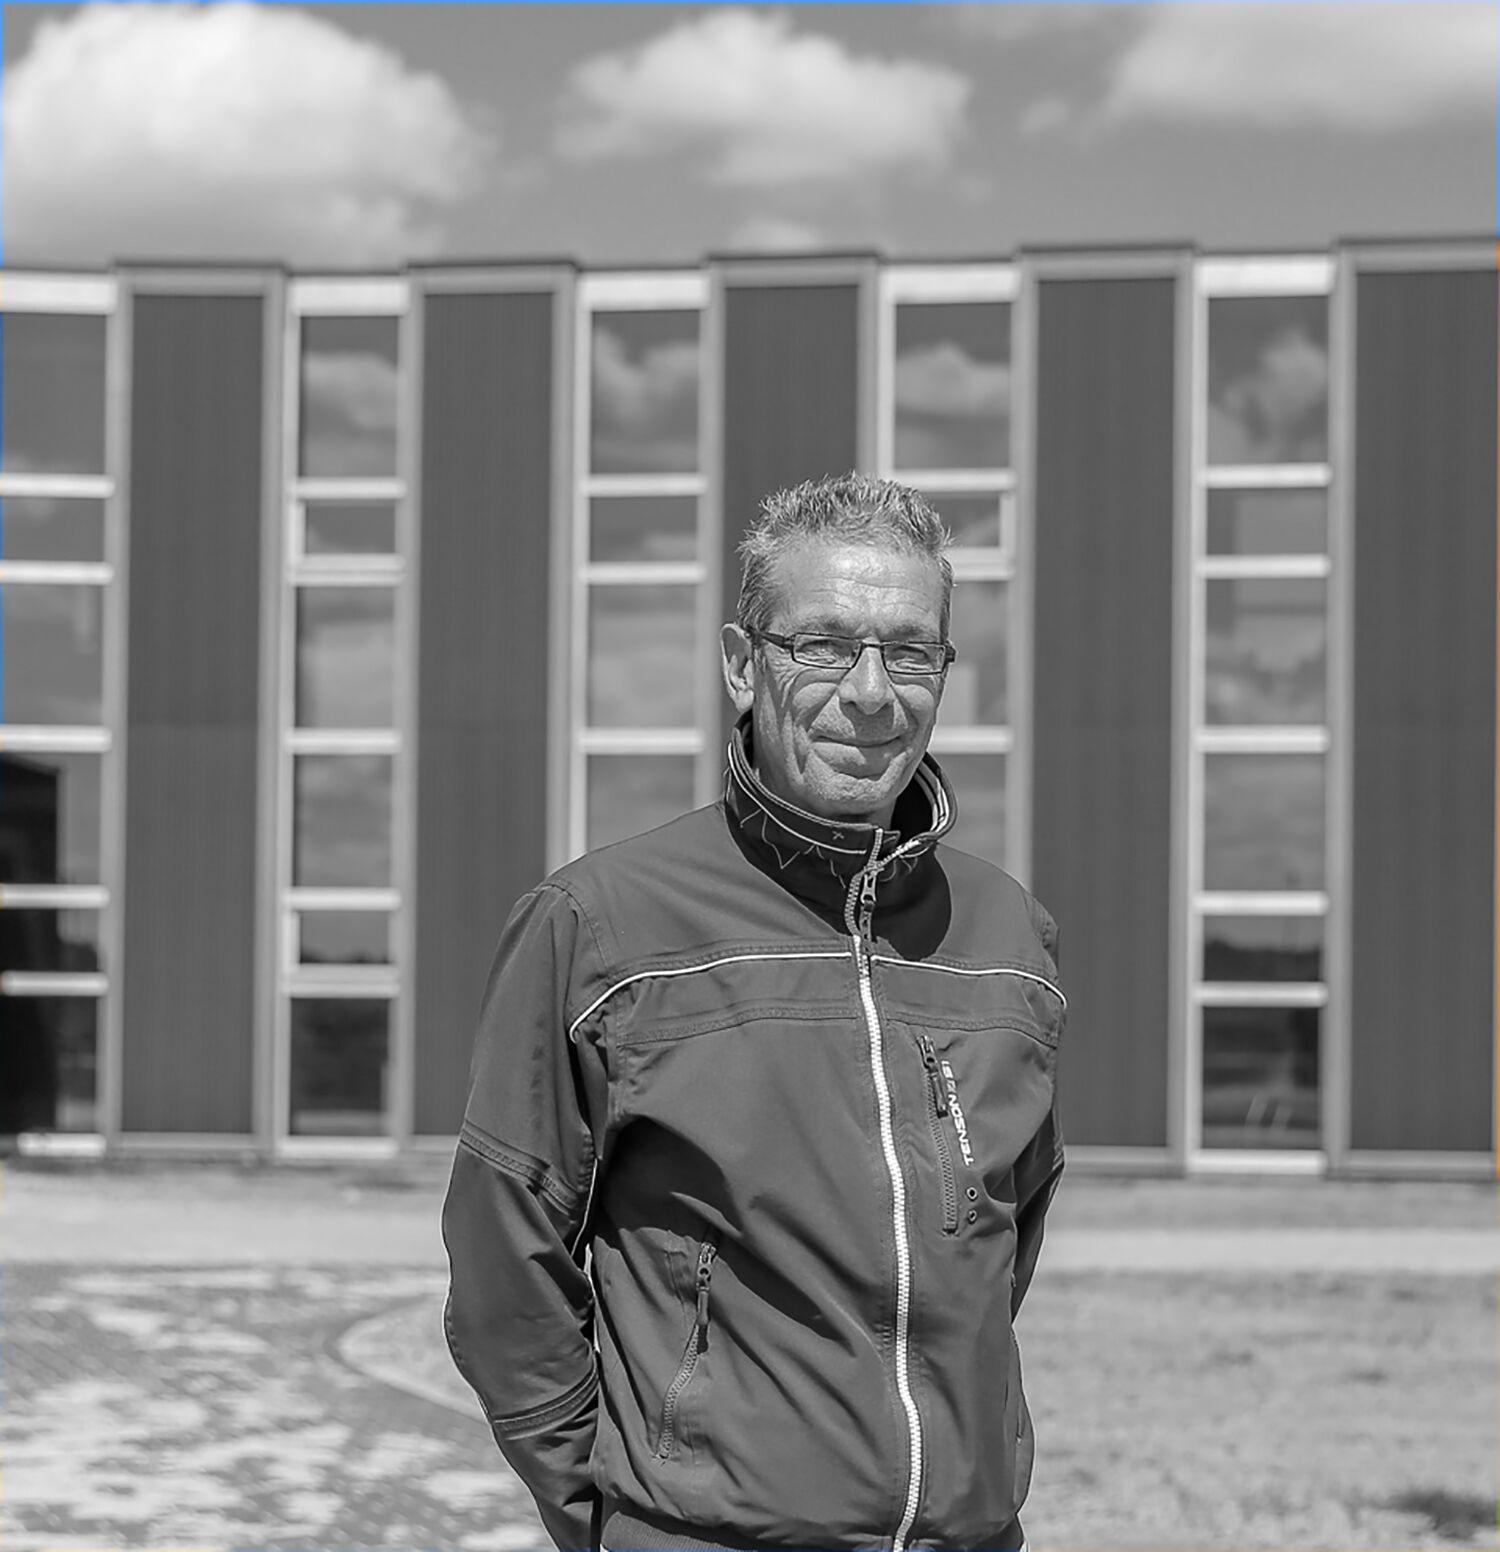 Ivo van der Reijnst